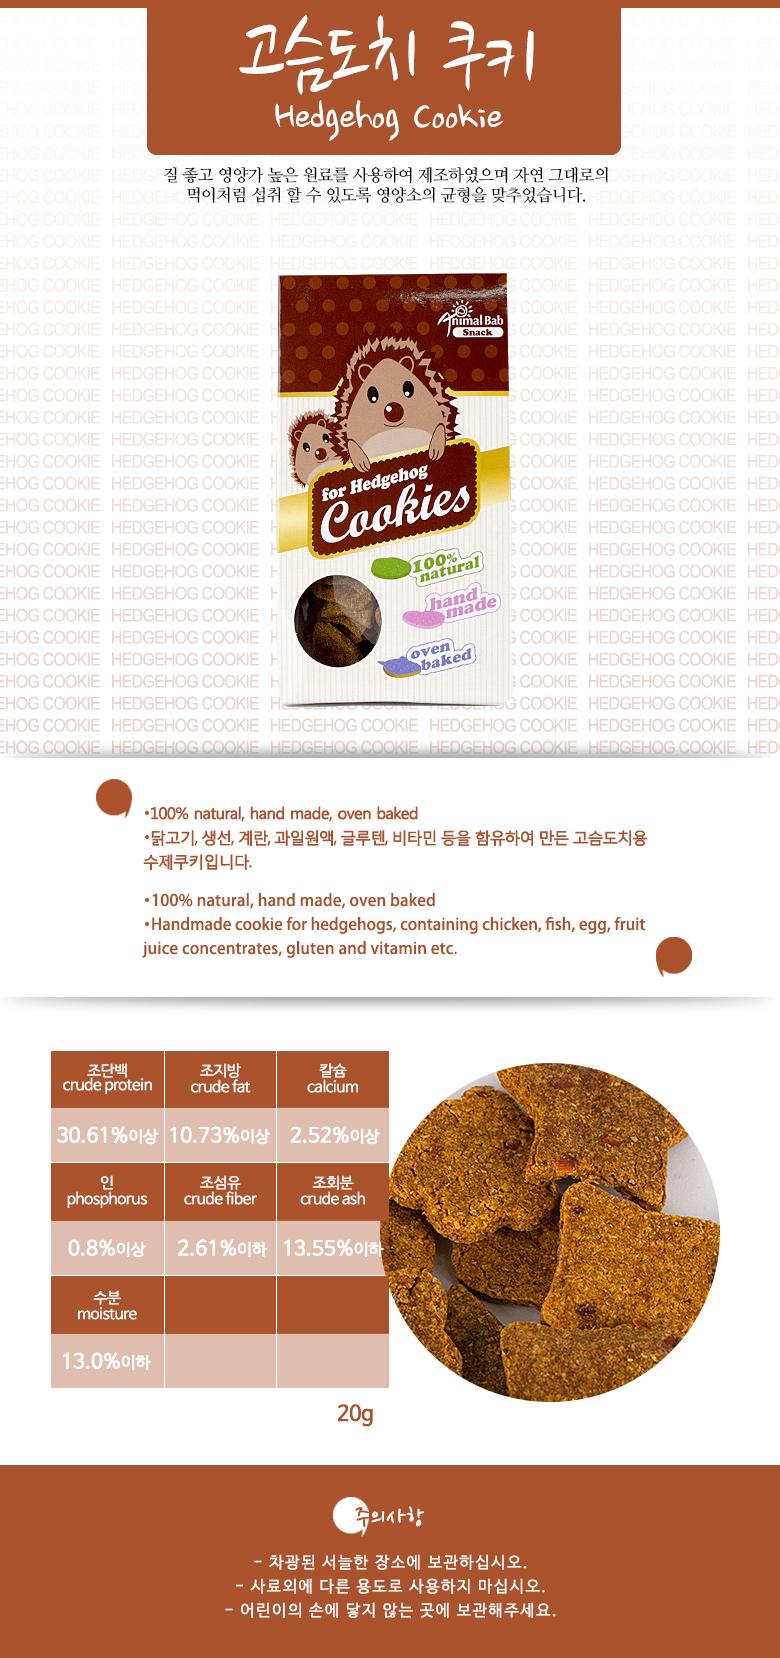 고슴도치 쿠키.jpg